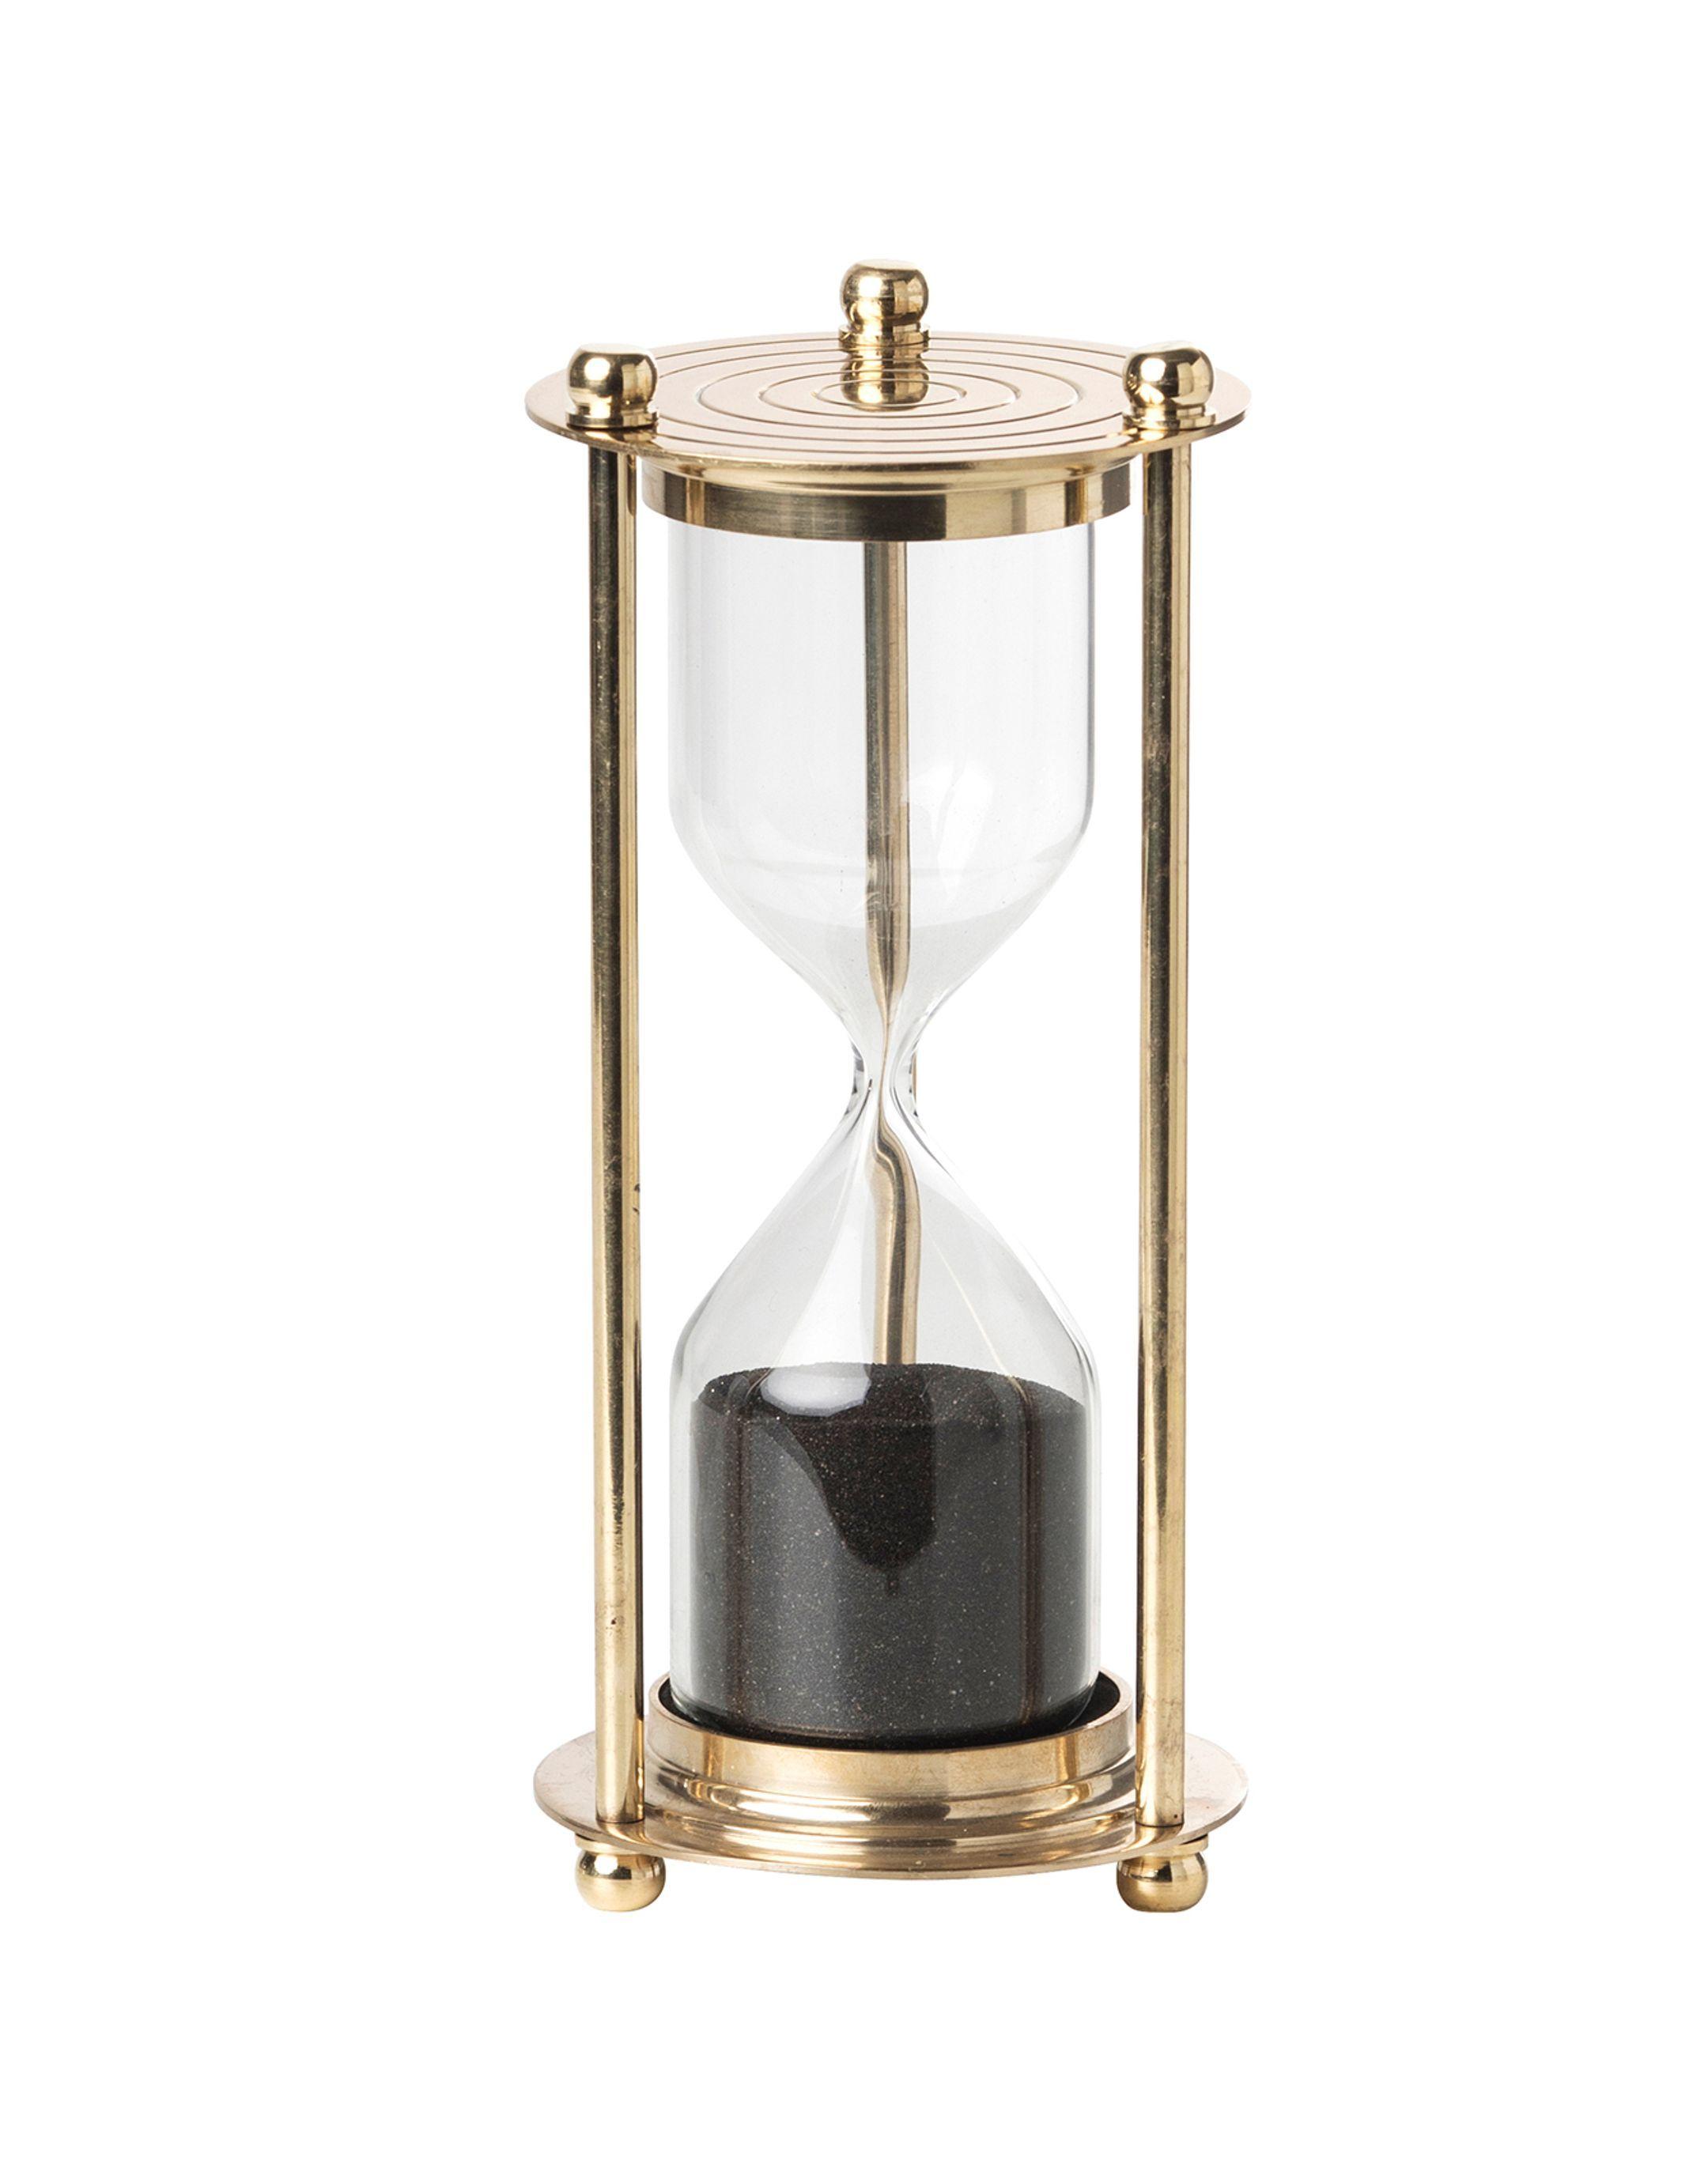 KATI möbel i rostfritt stål i guldsvart glas, sängbord i